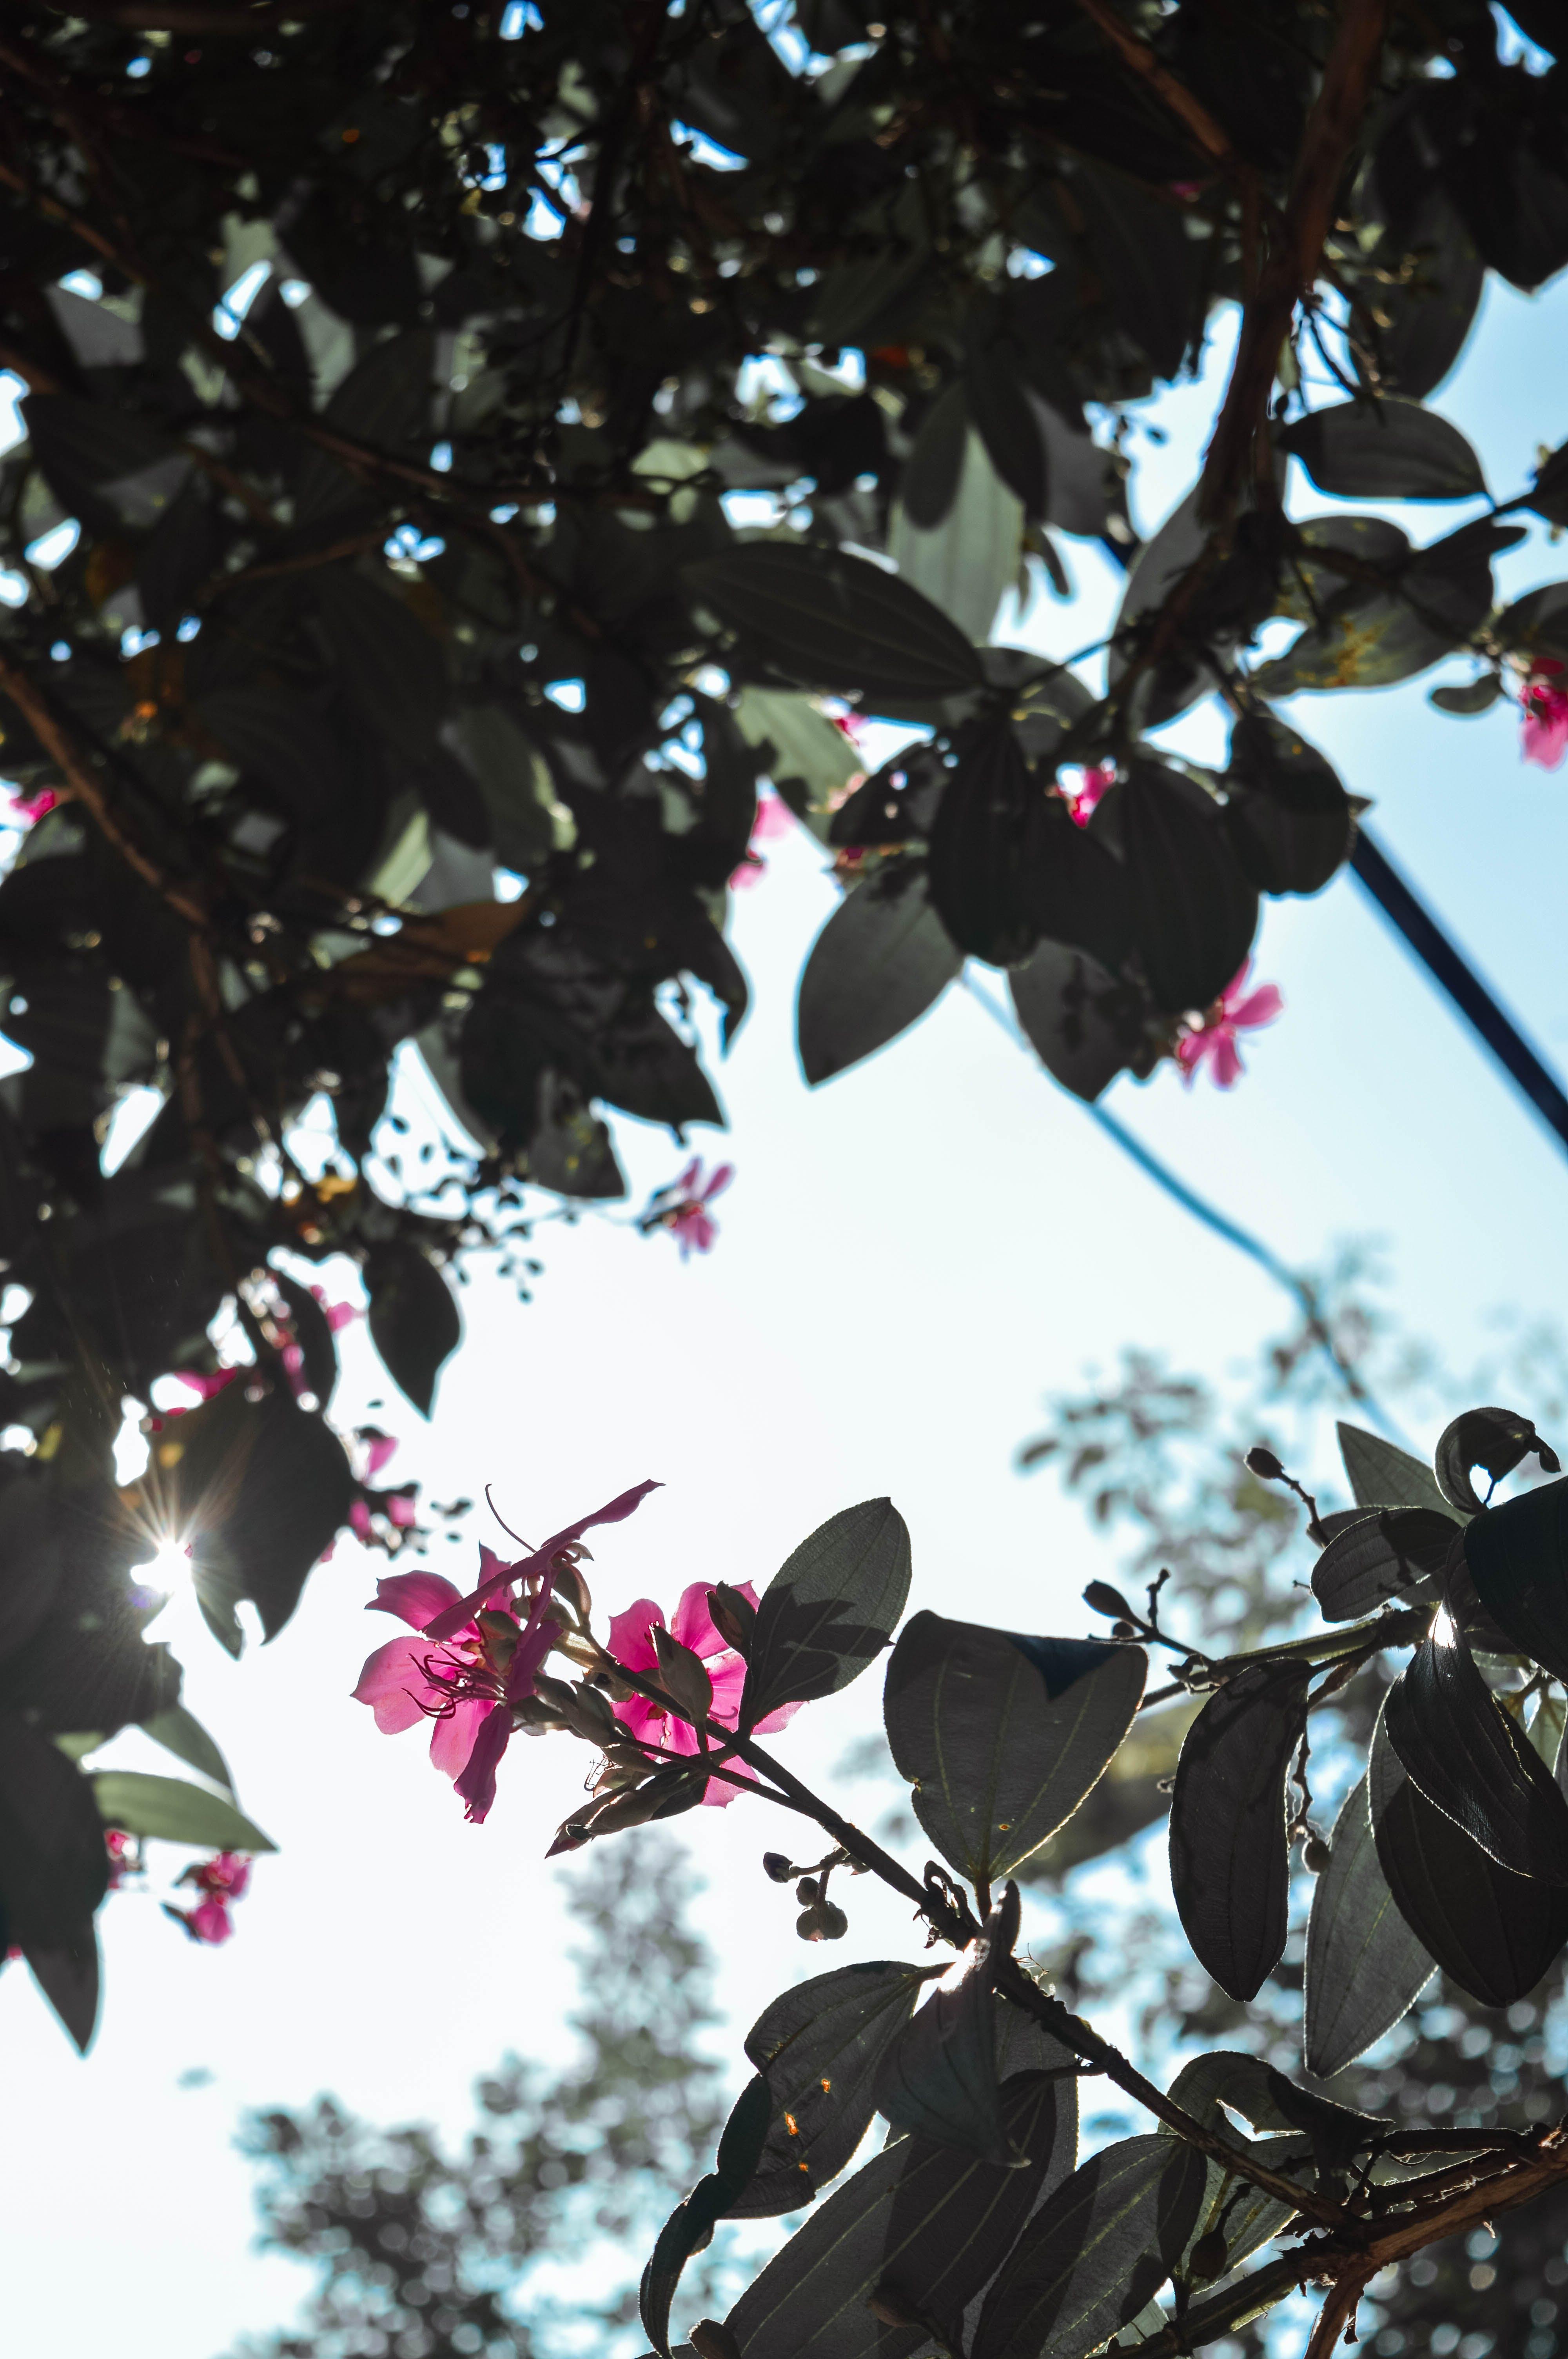 คลังภาพถ่ายฟรี ของ ดวงอาทิตย์, ดอกไม้, ดอกไม้ฤดูใบไม้ผลิ, ดอกไม้สวย